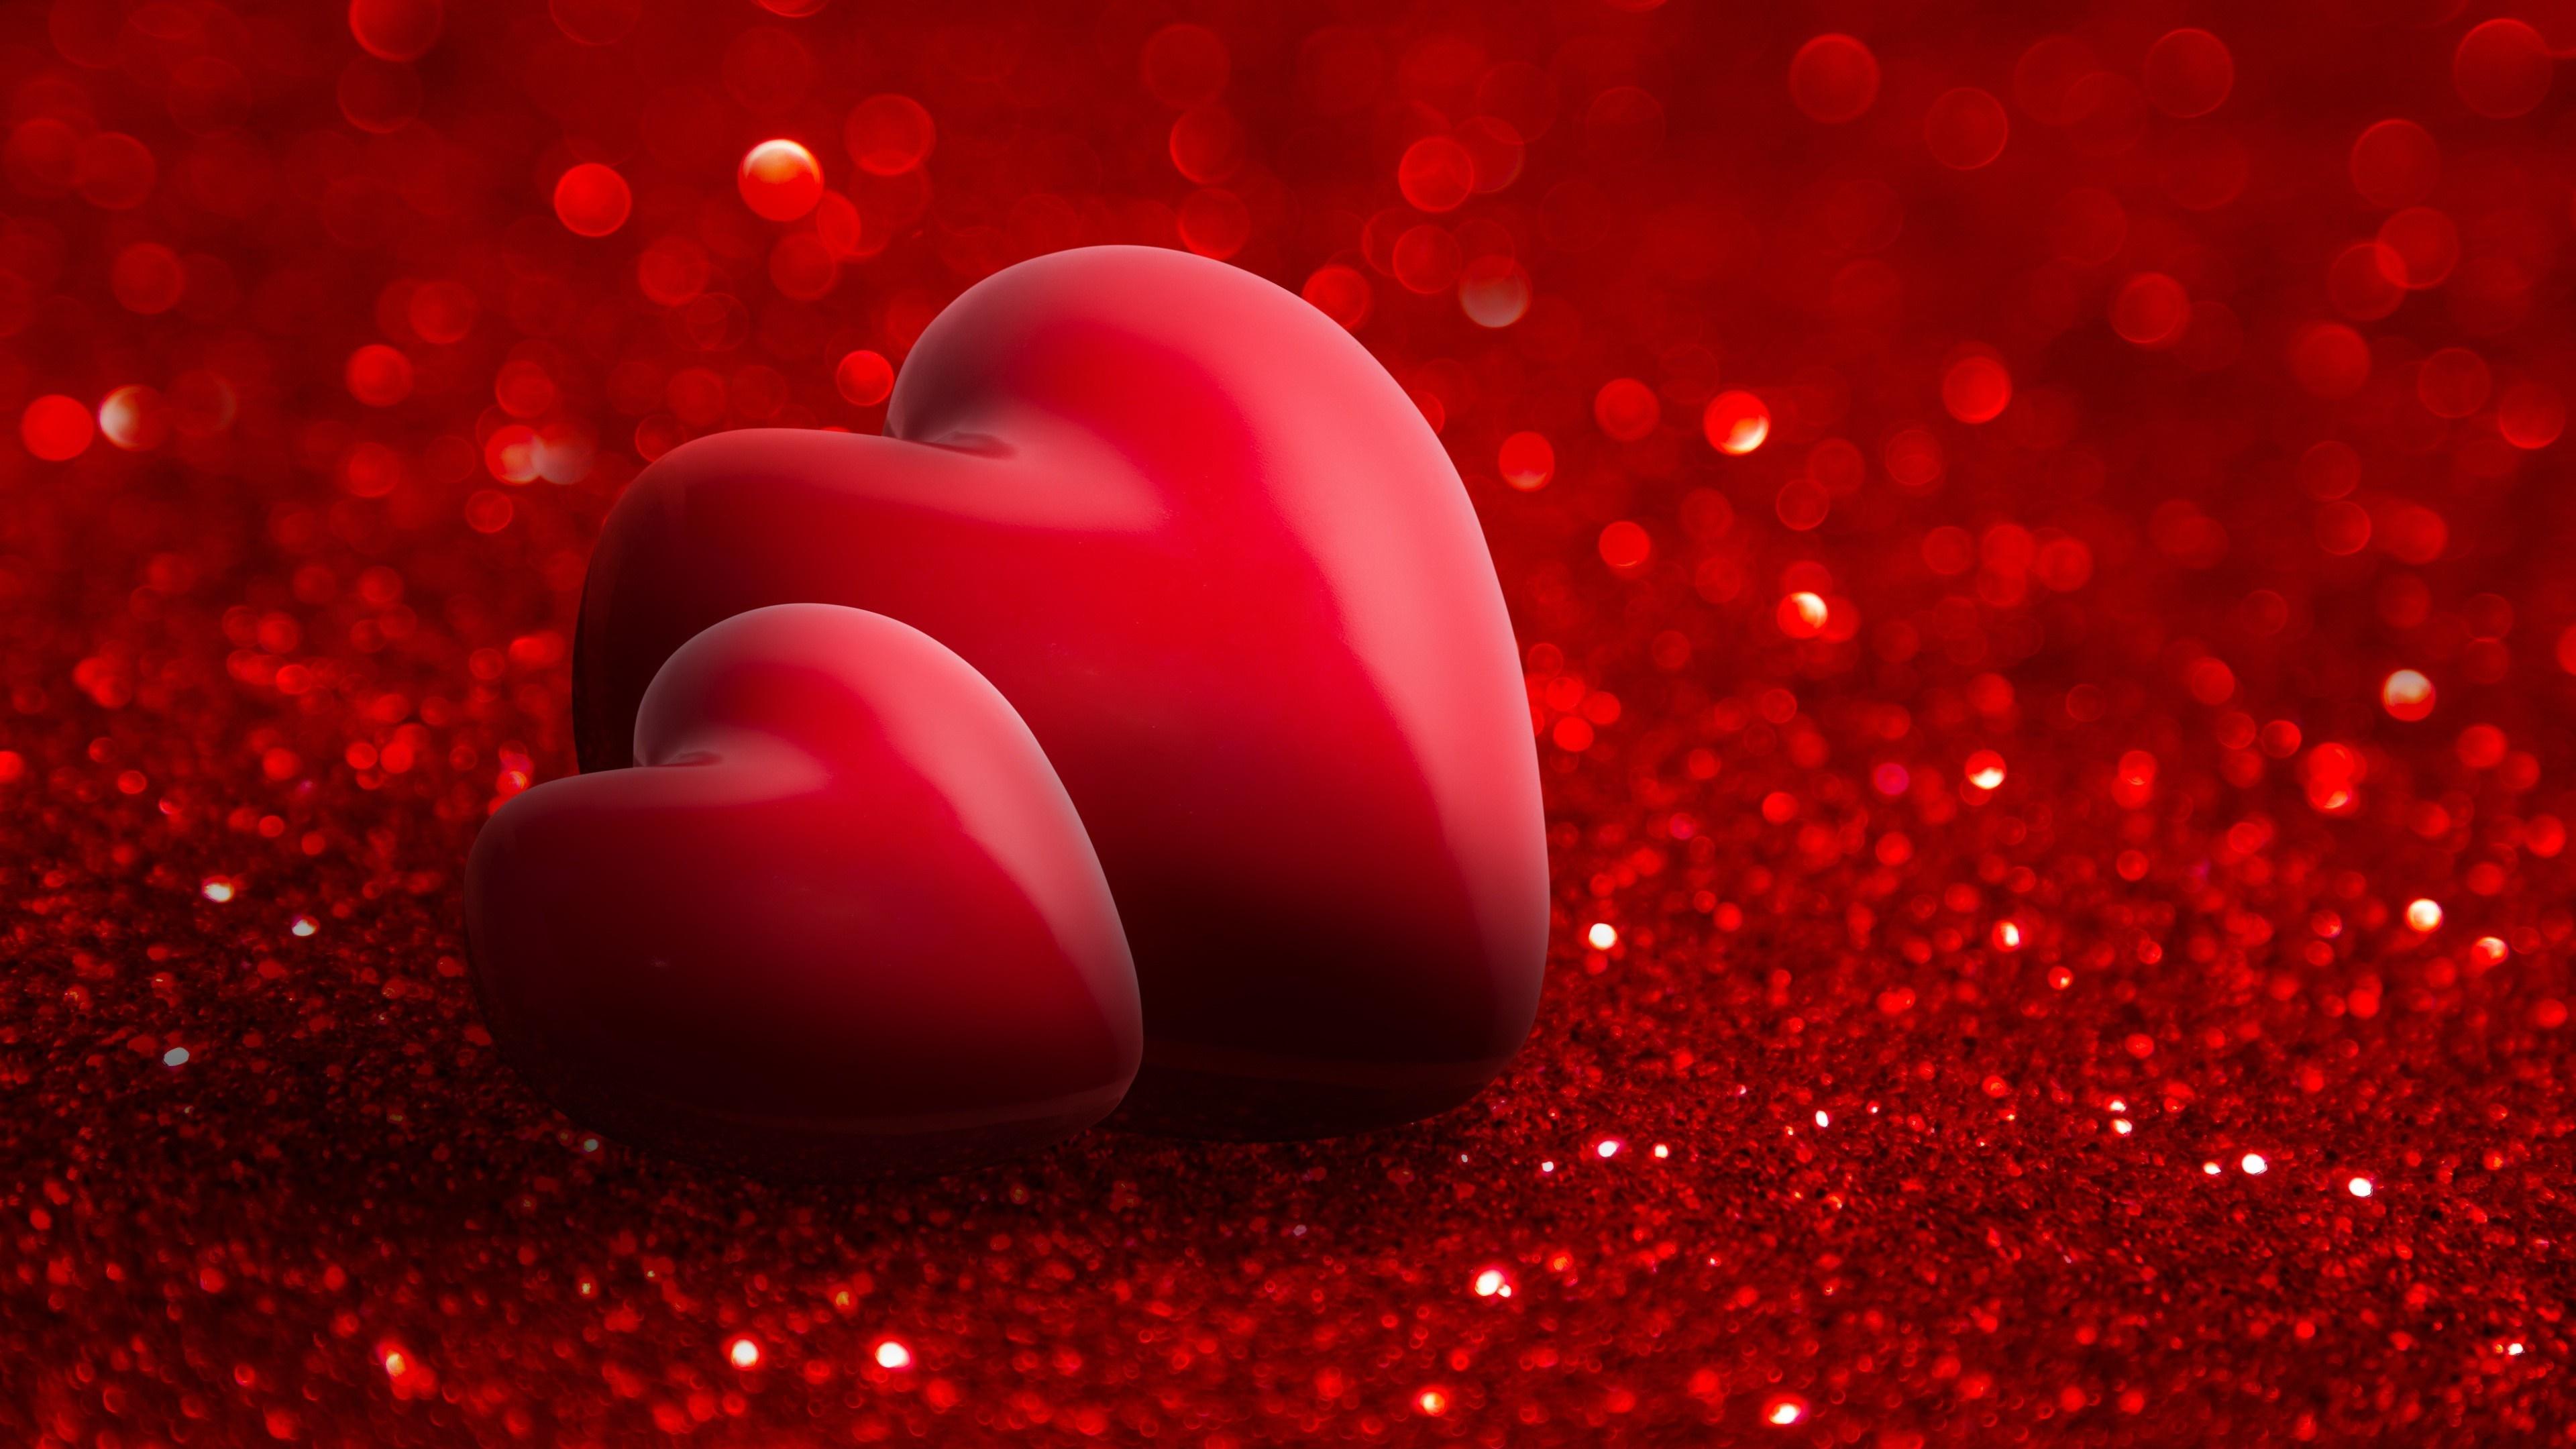 Love & Valentine wallpaper